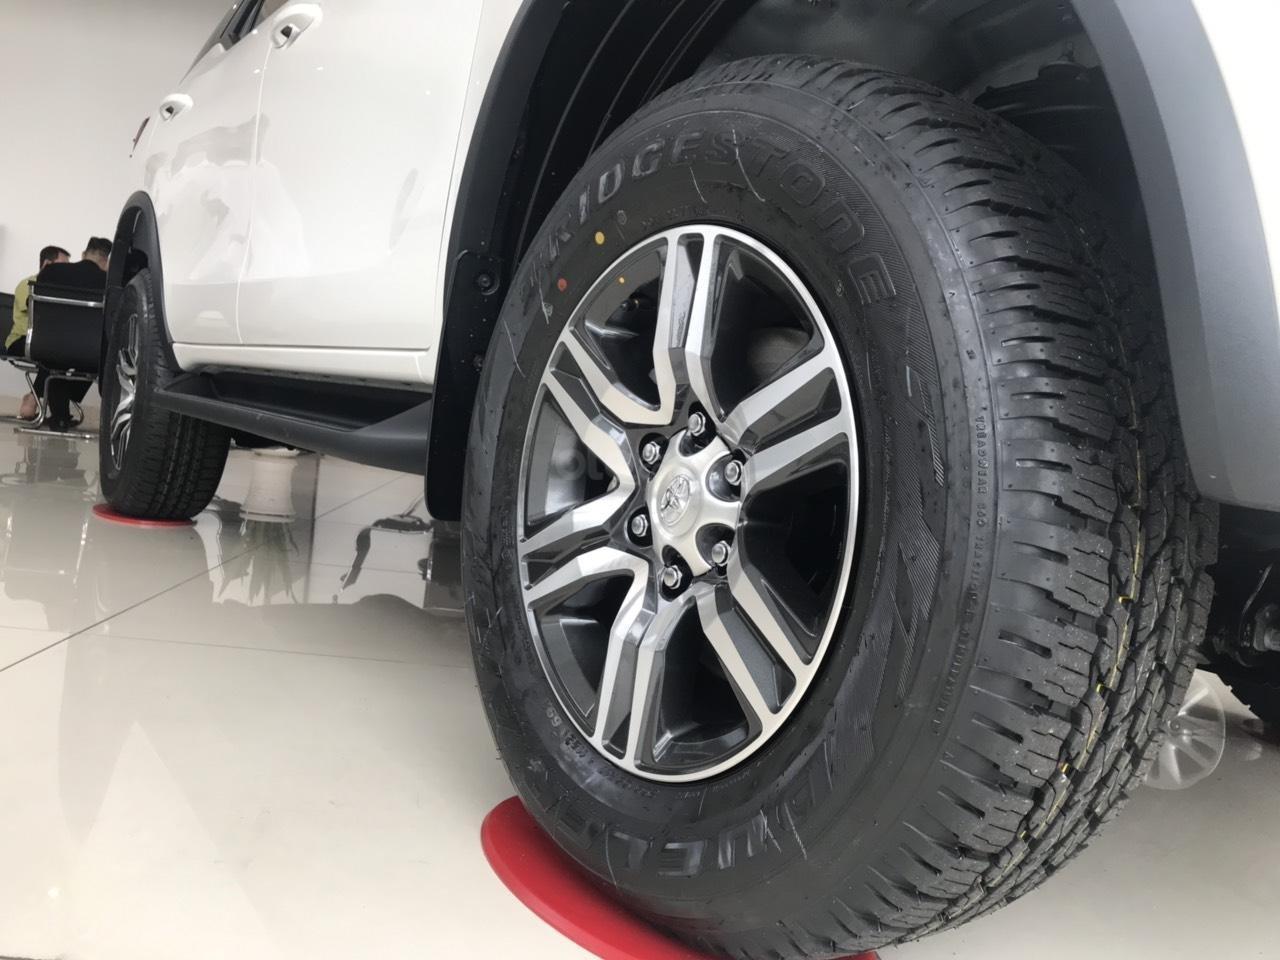 Bán xe Fortuner dầu 2019, cam kết giá cực tốt, giao xe ngay 1 nốt nhạc (4)